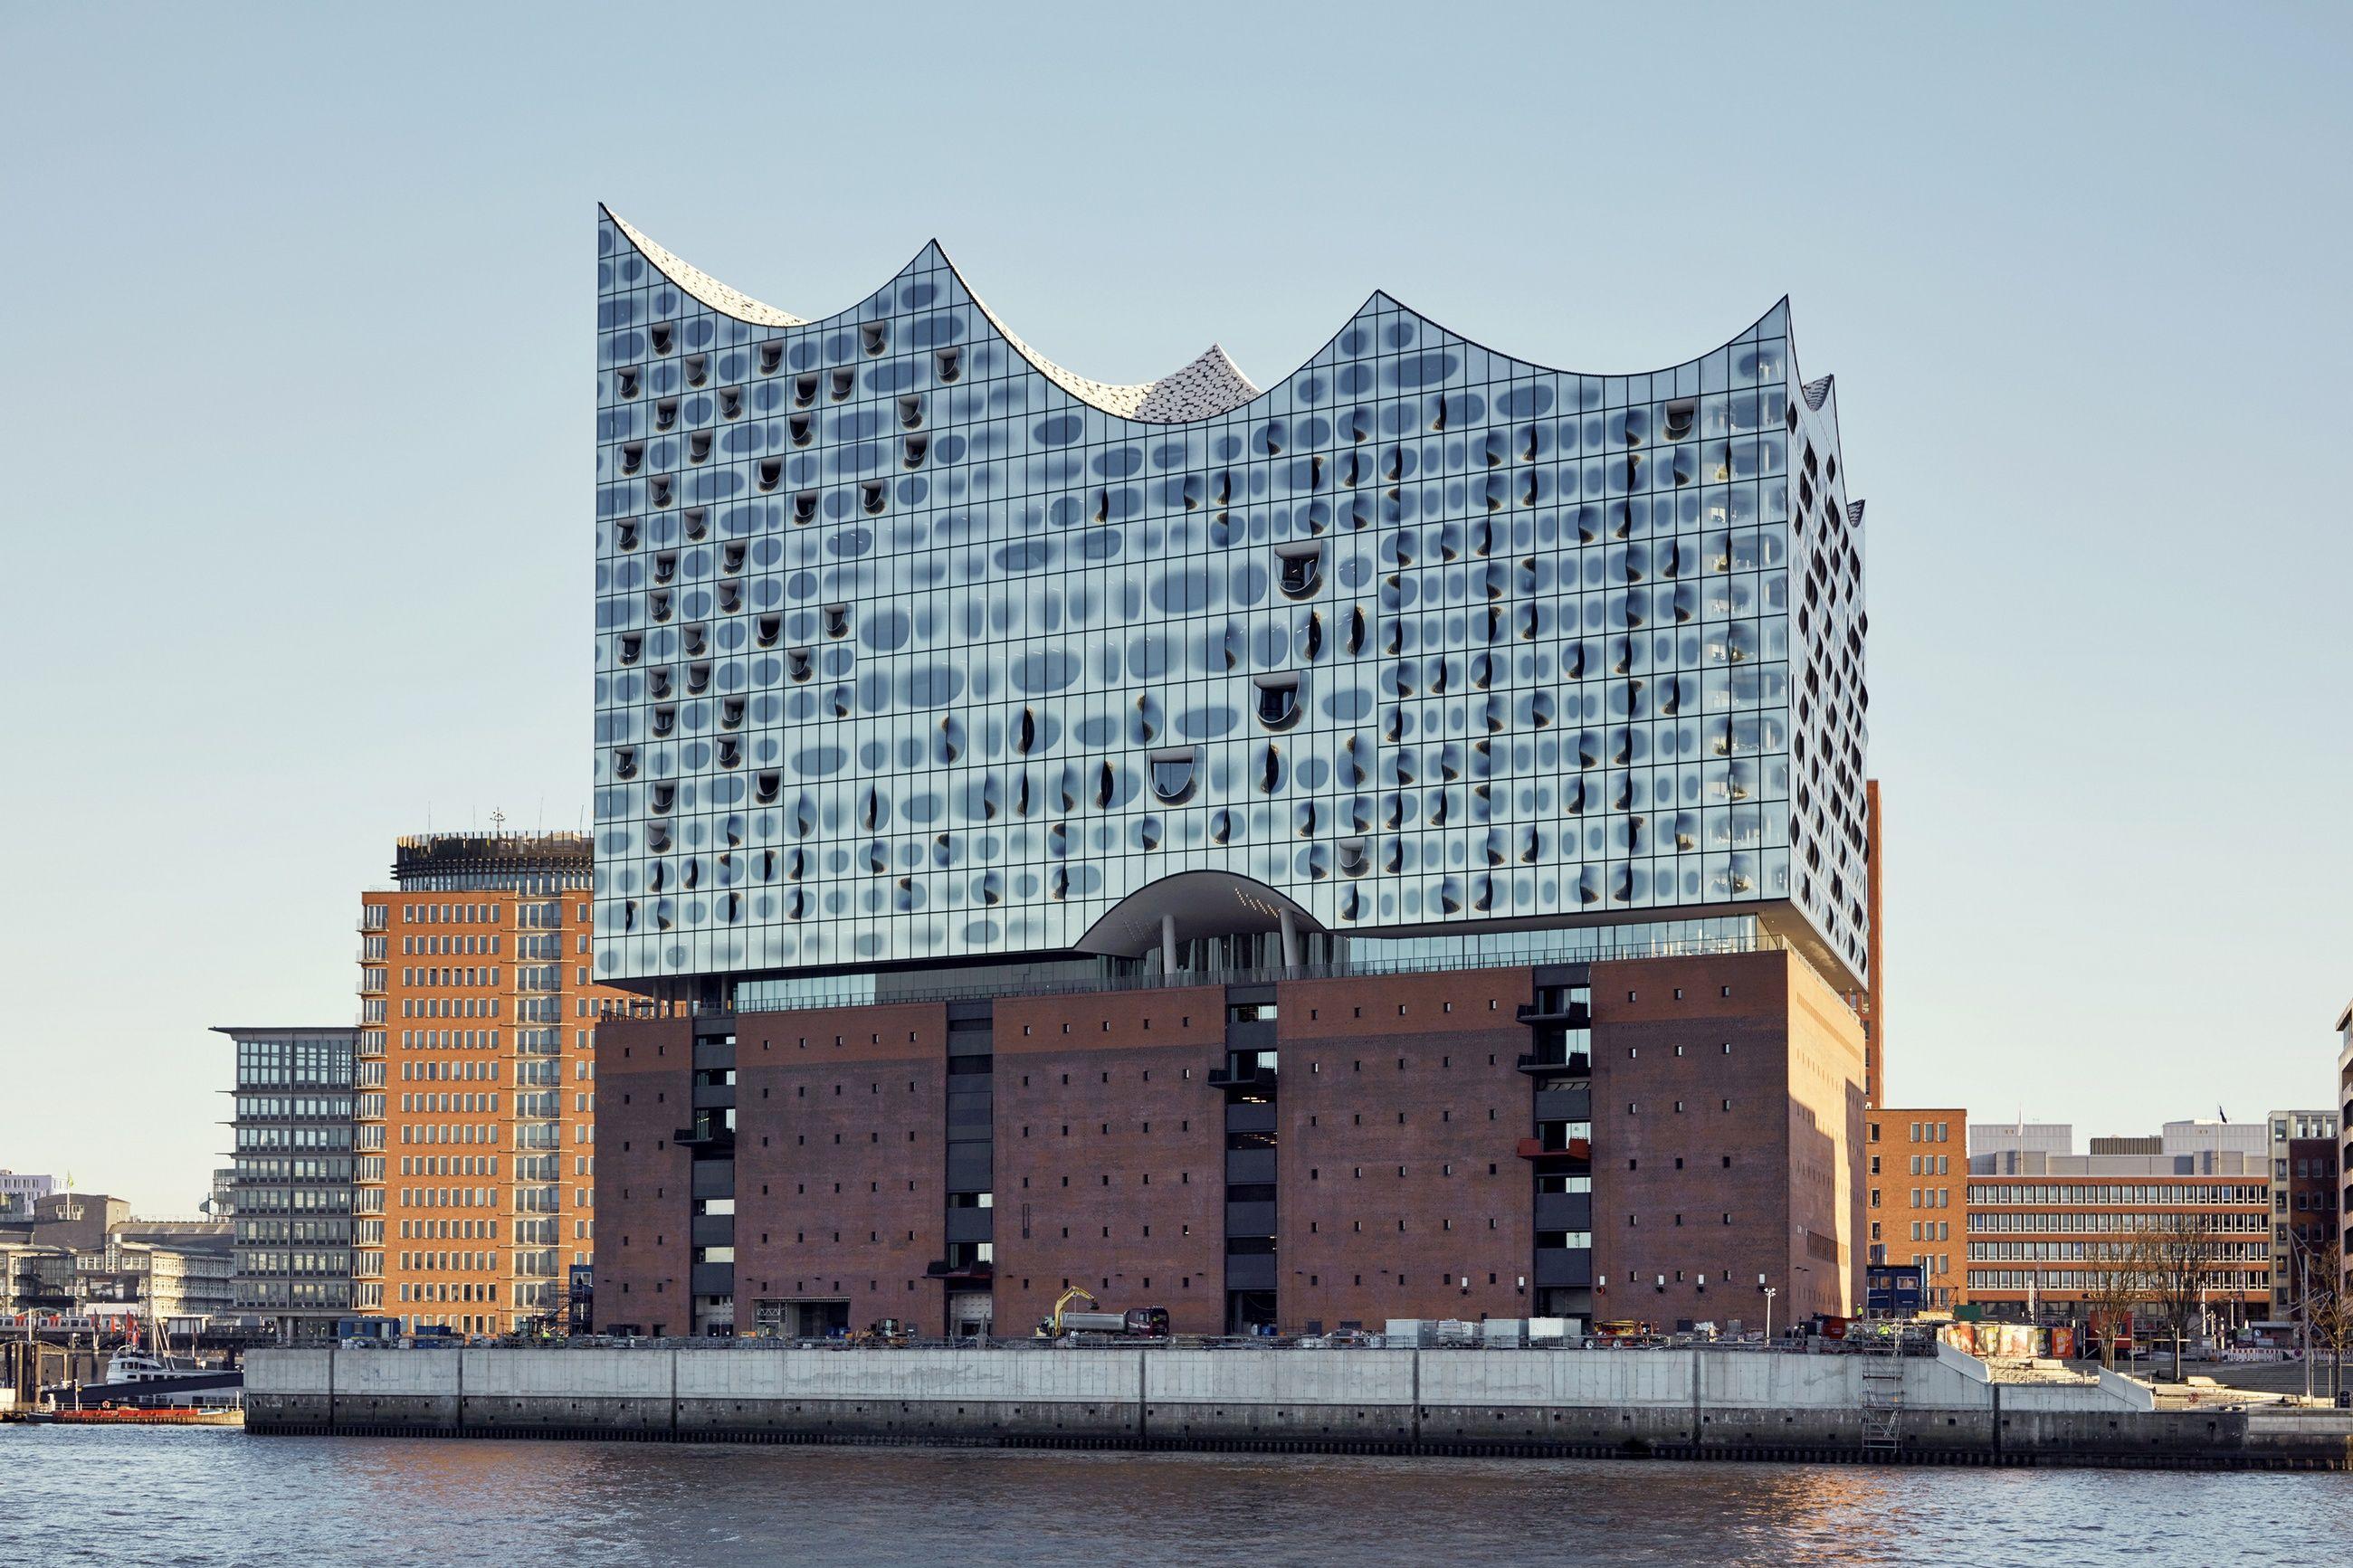 Elbphilharmonie Project Elbphilharmonic Hamburg Image 52 Architecture Cultural Architecture Elbphilharmonie Concert Hall